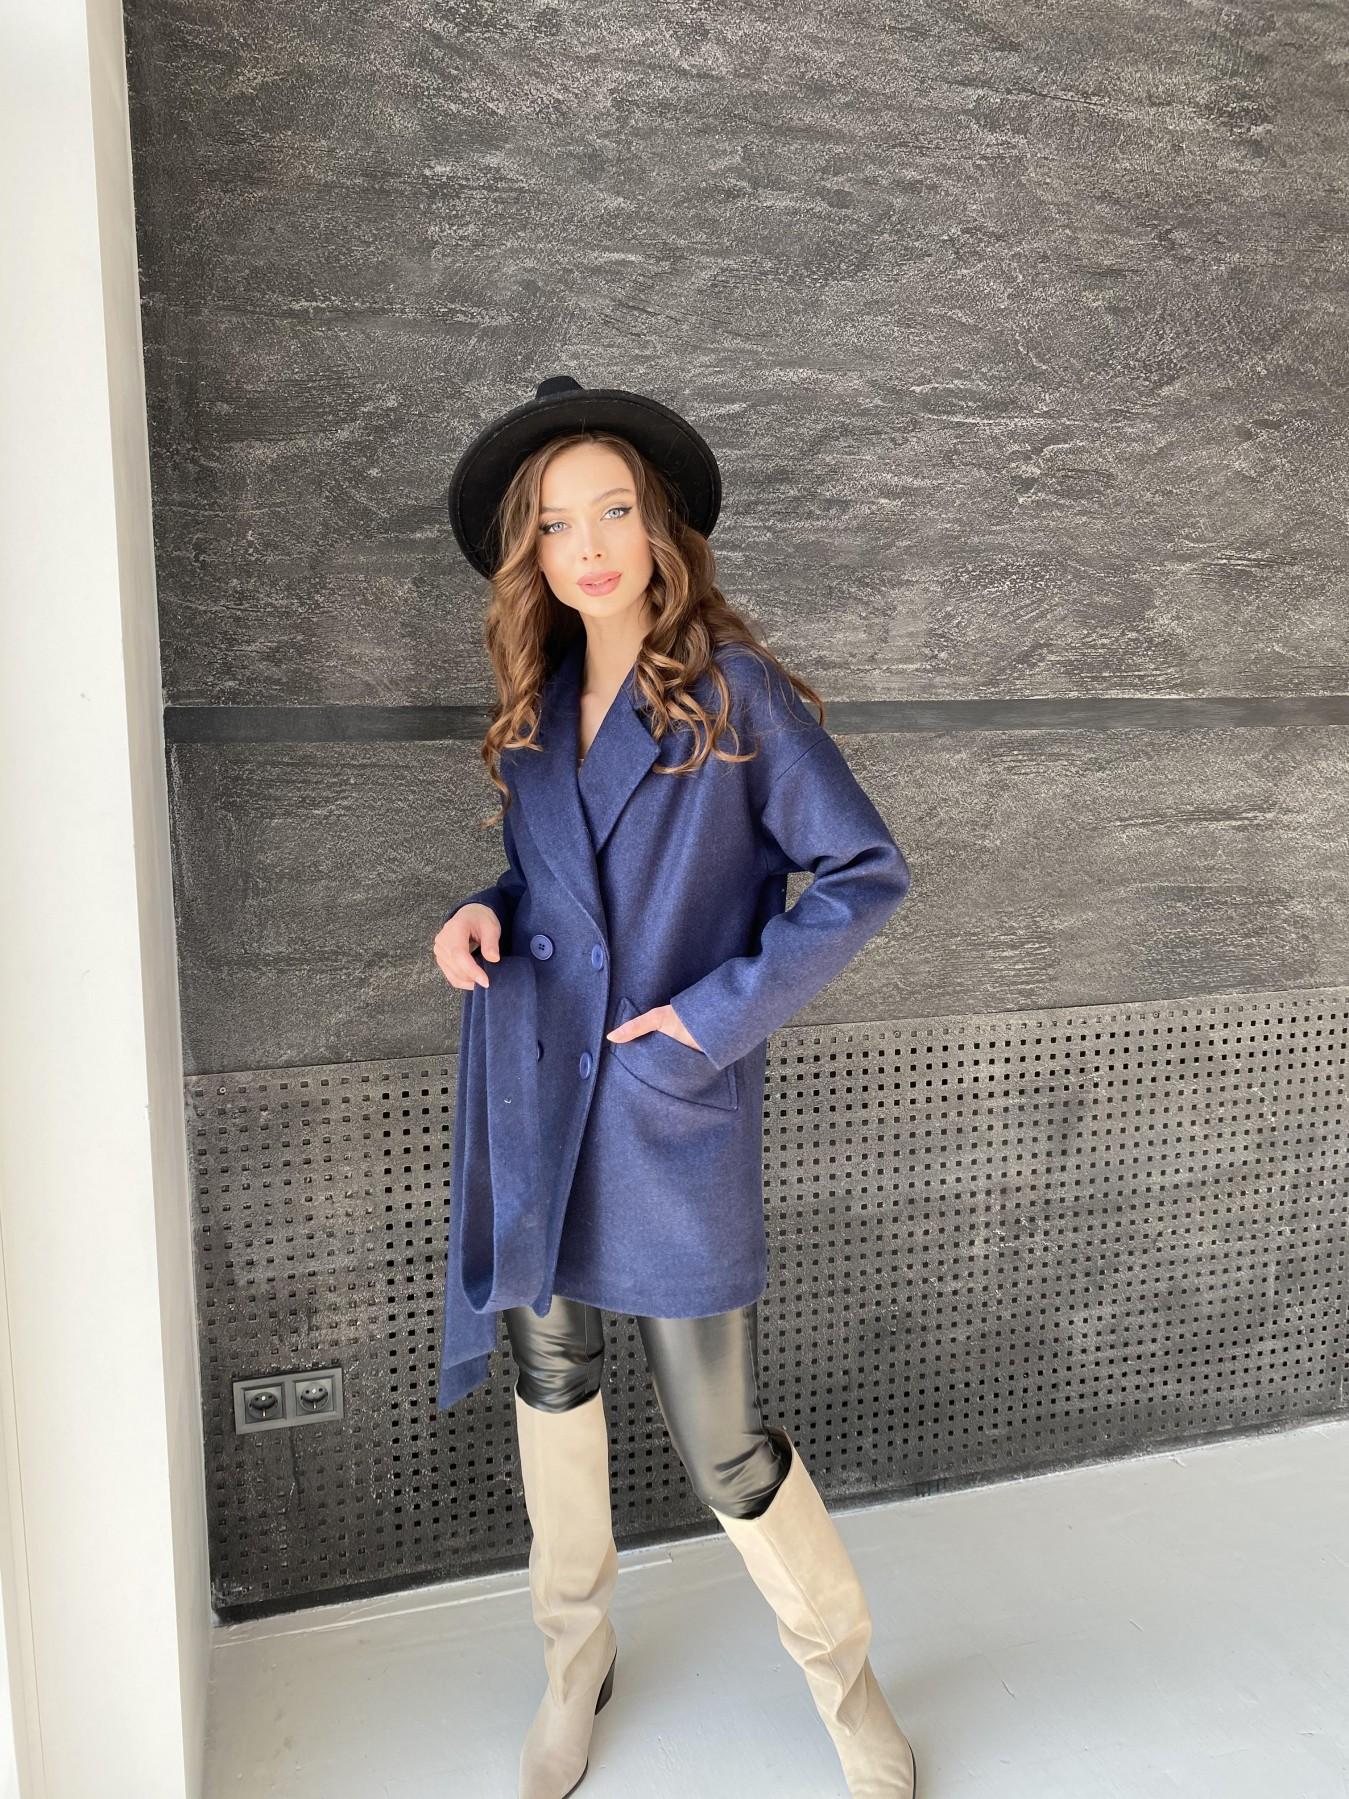 Бонд пальто  кашемировое меланж на трикотаже  10644 АРТ. 47180 Цвет: Т.синий 17 - фото 7, интернет магазин tm-modus.ru